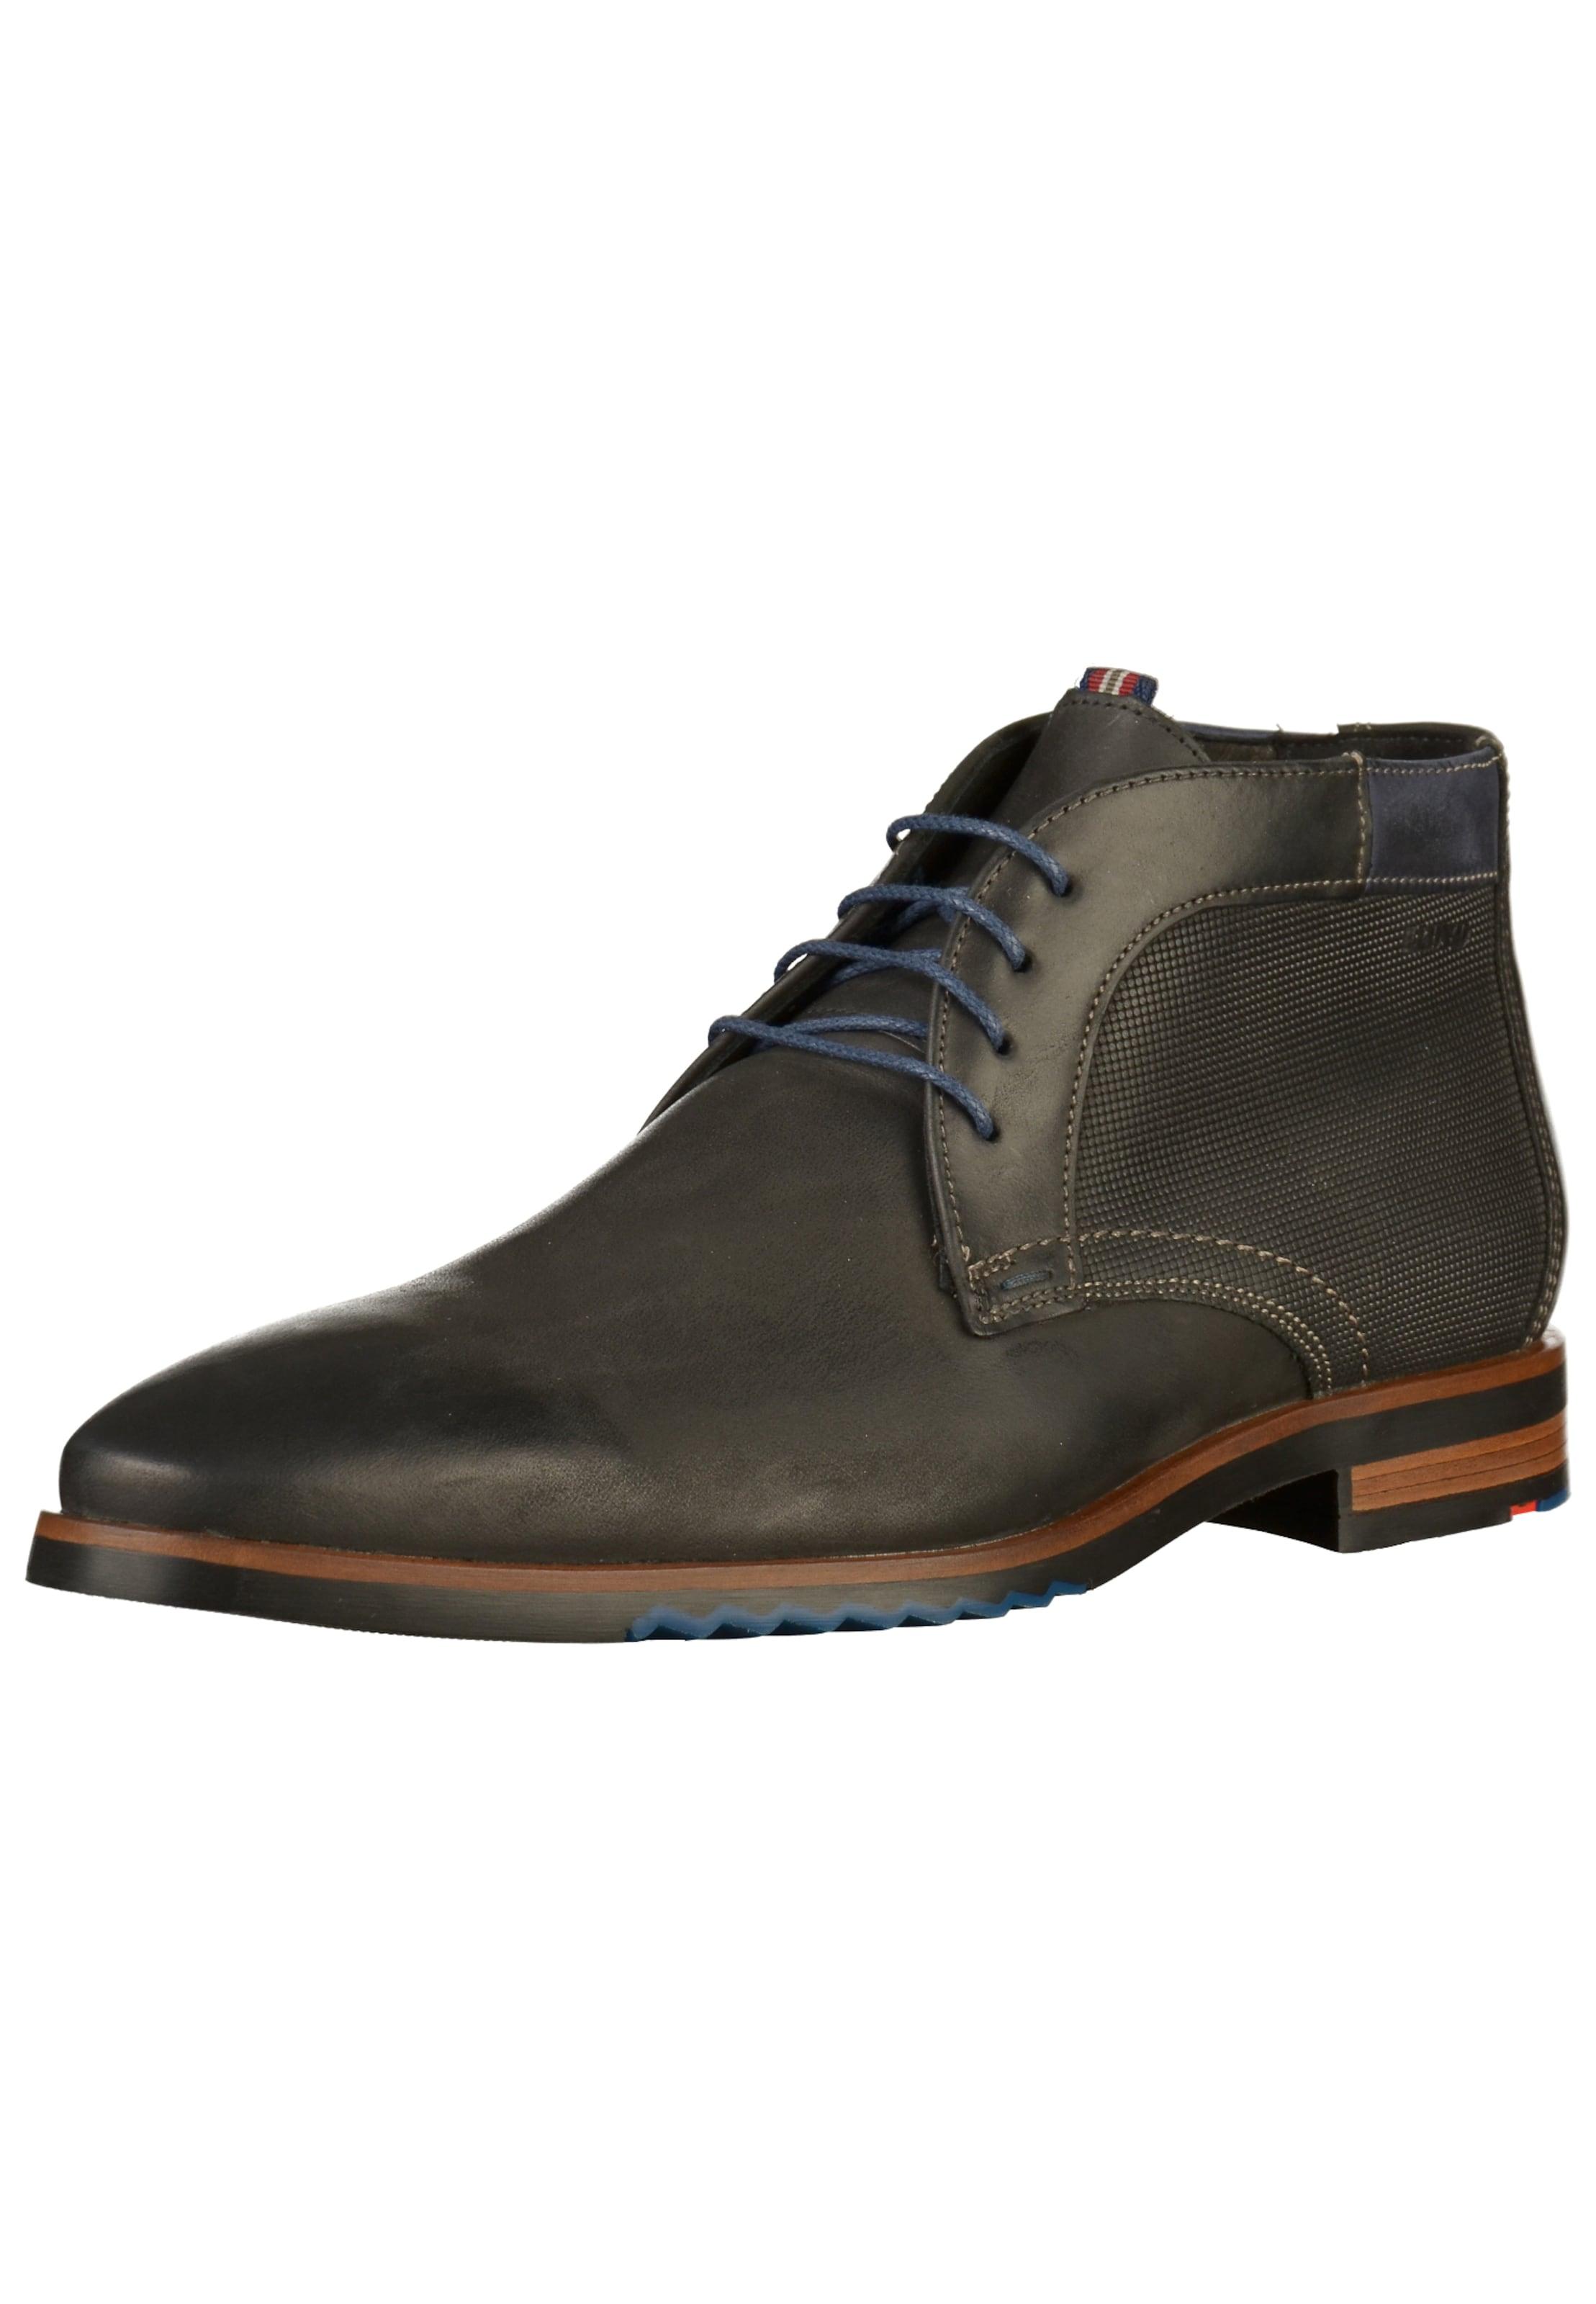 LLOYD Stiefelette Verschleißfeste billige Schuhe Hohe Qualität